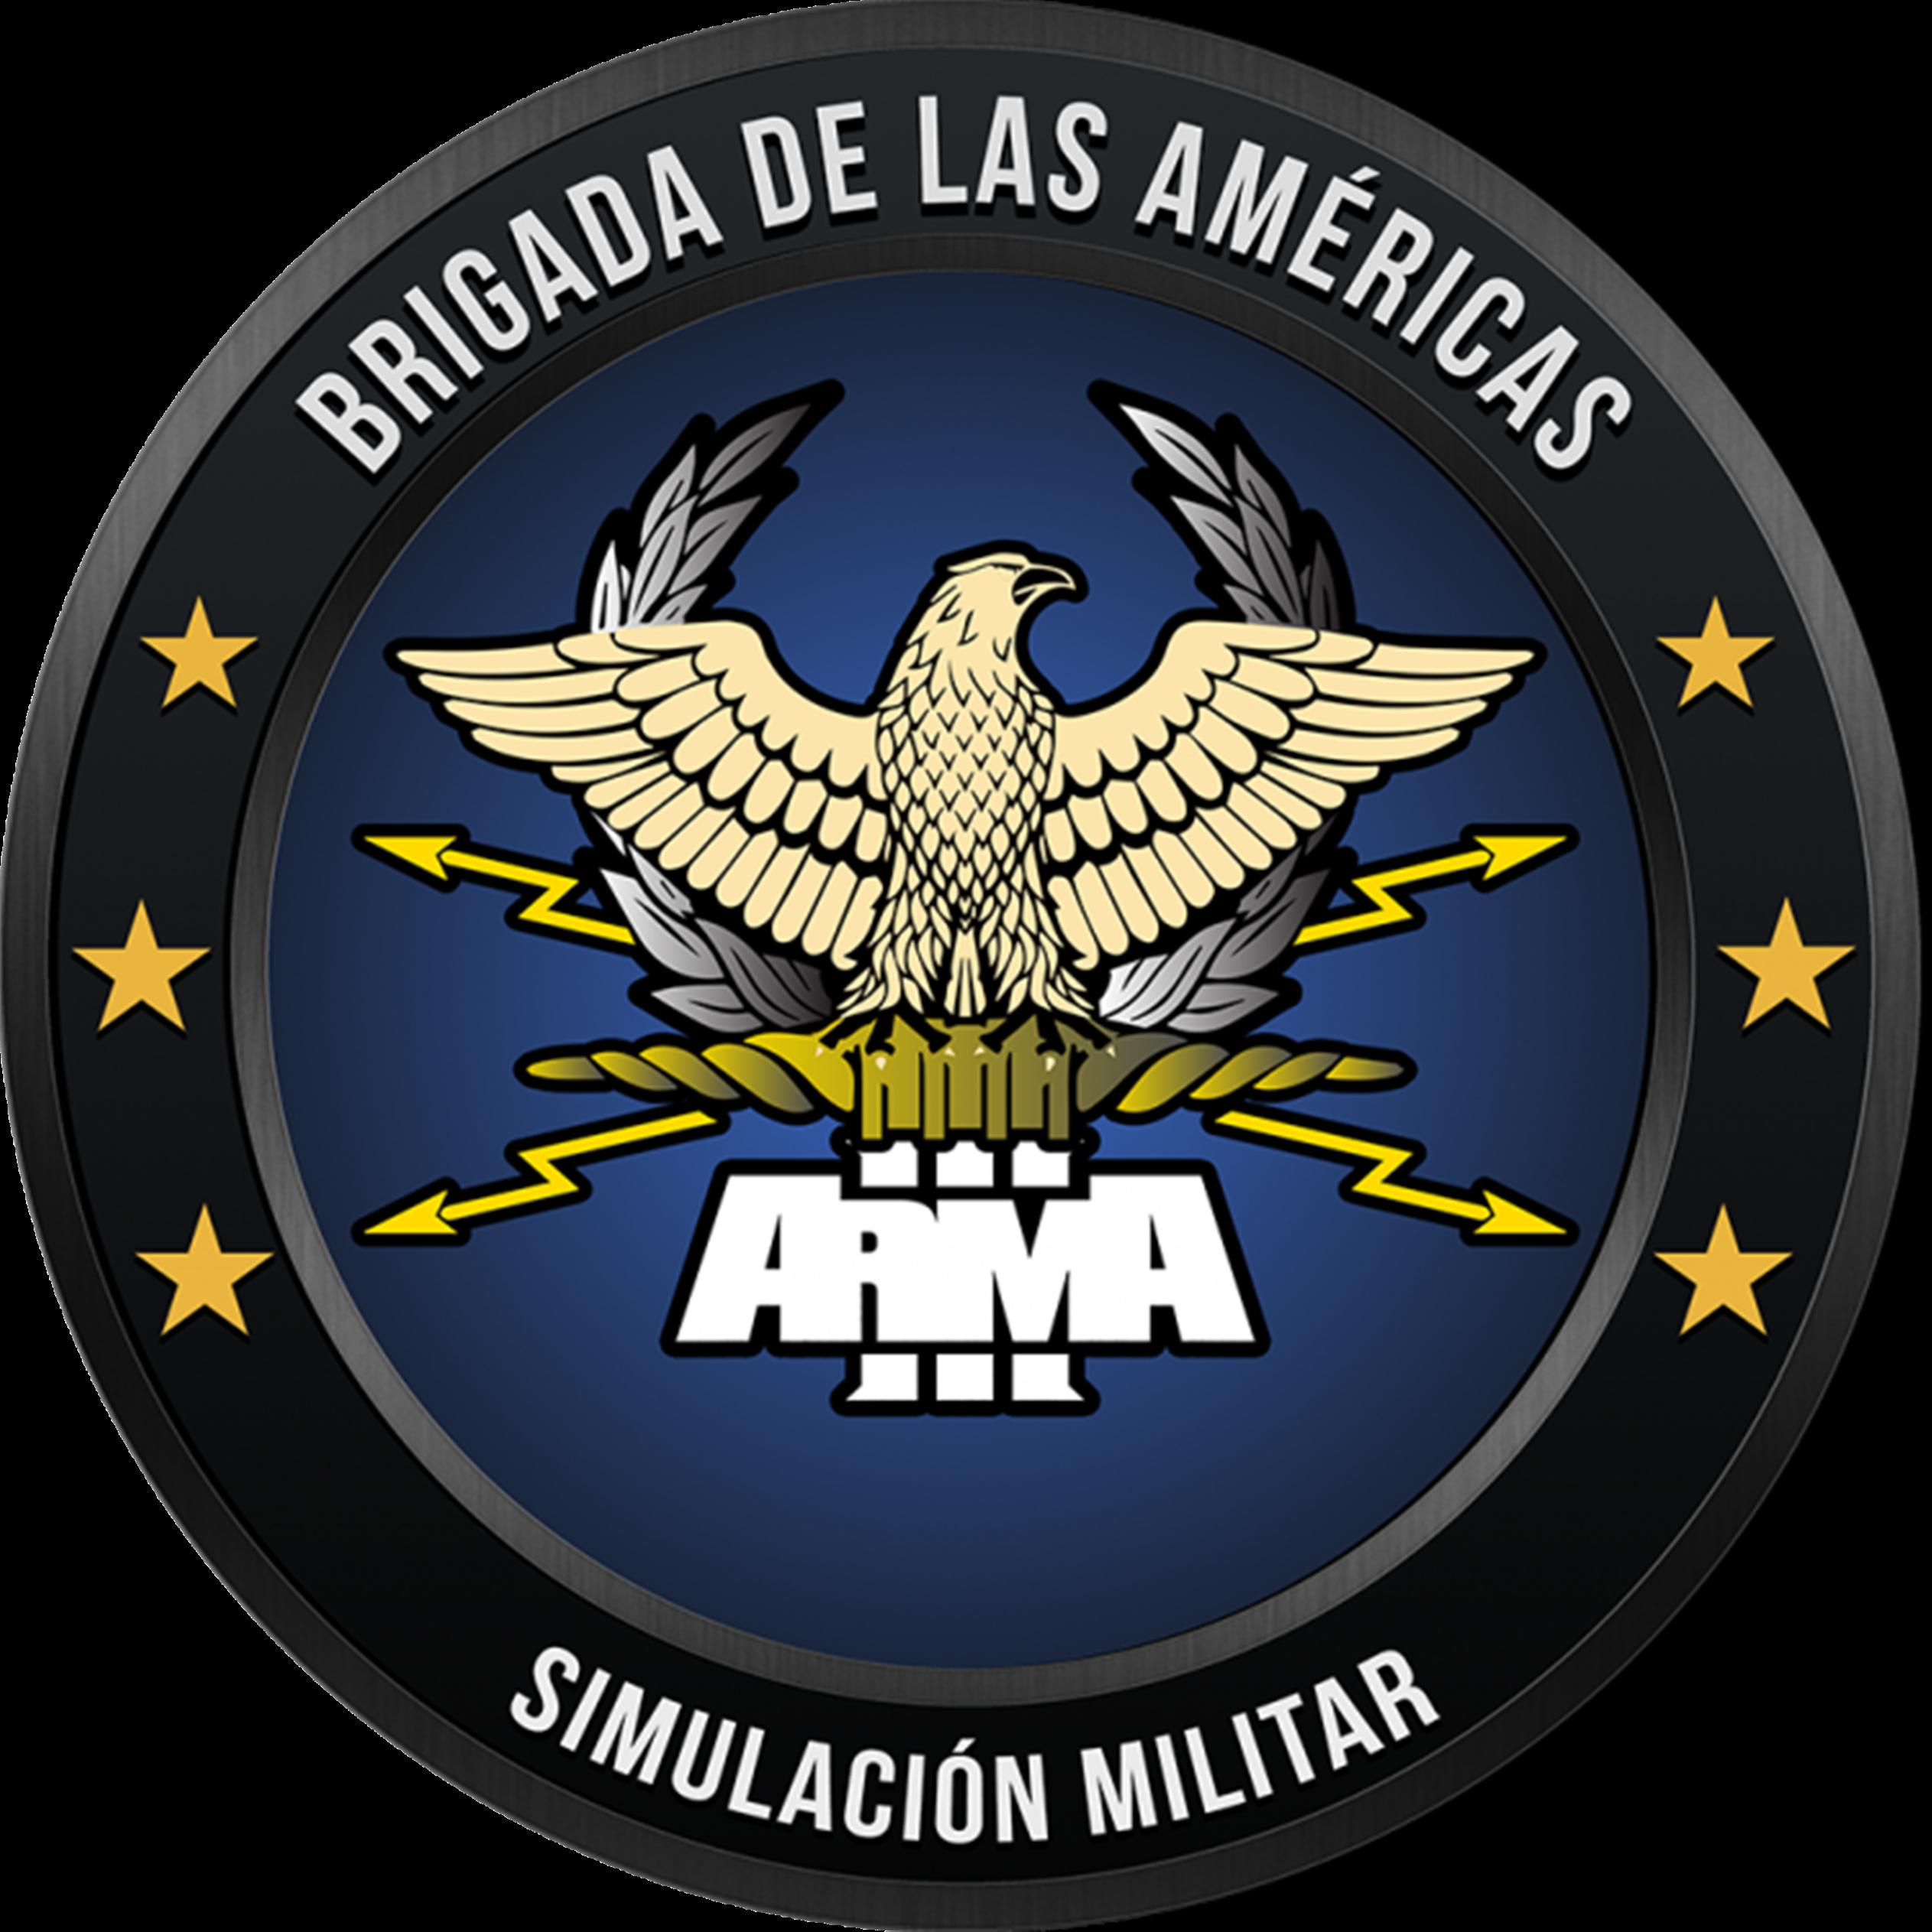 Brigada de las Américas